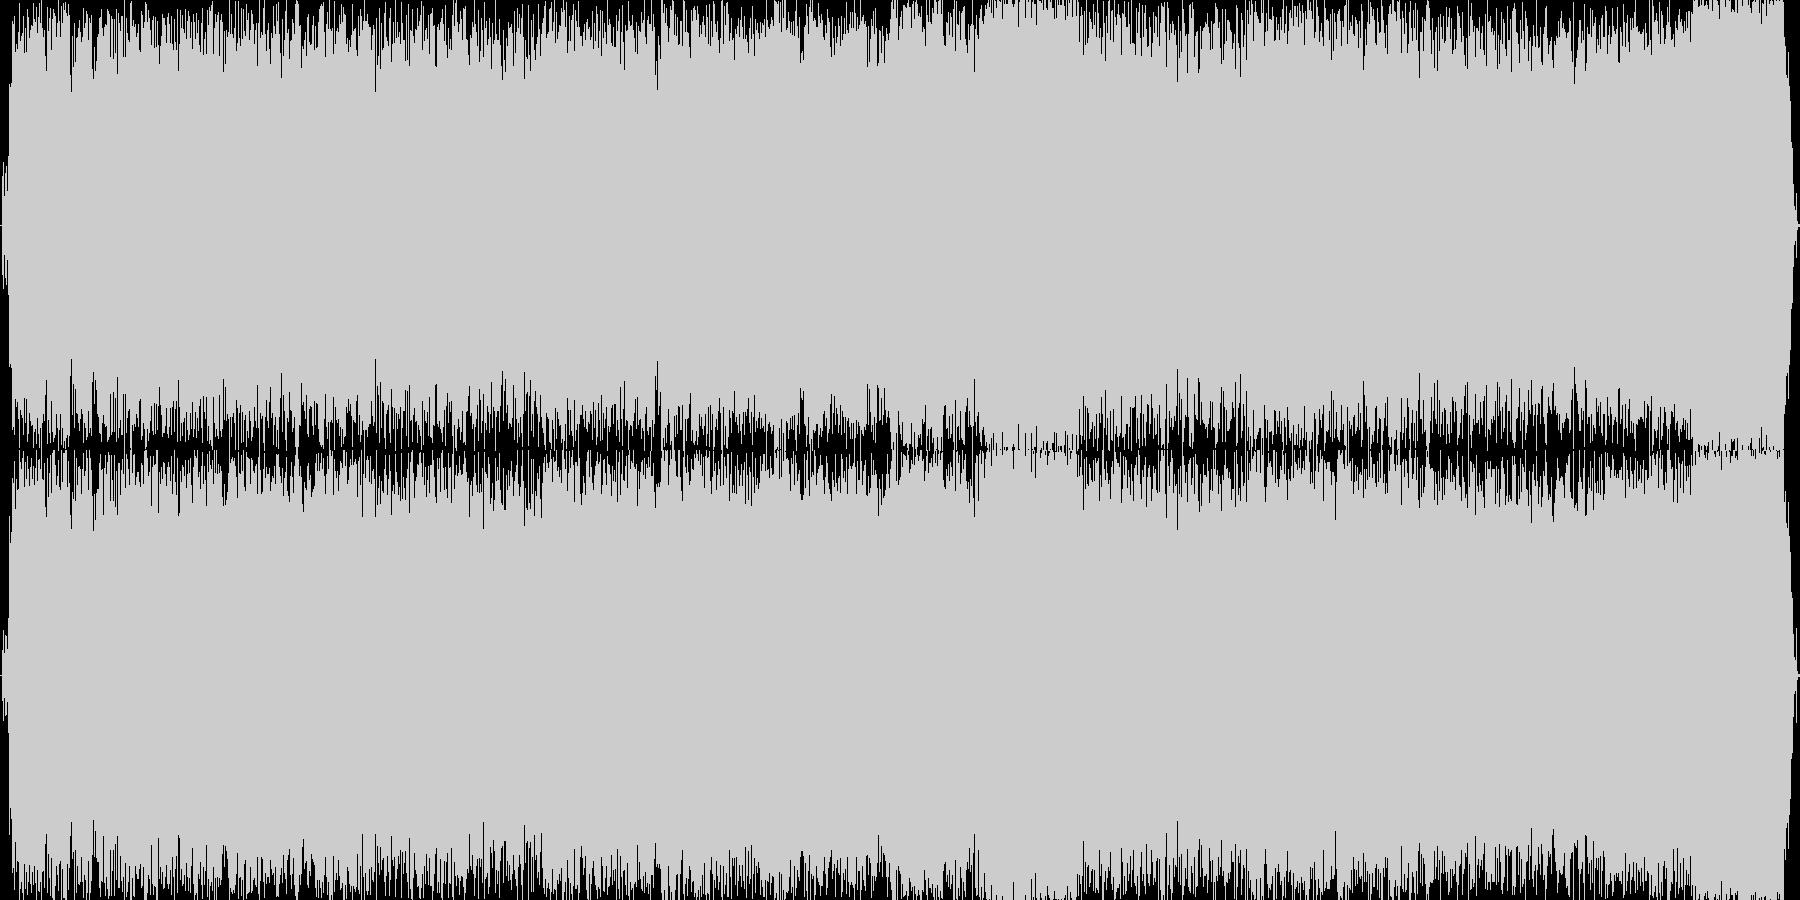 情熱的なギターソロによるハードロックの未再生の波形